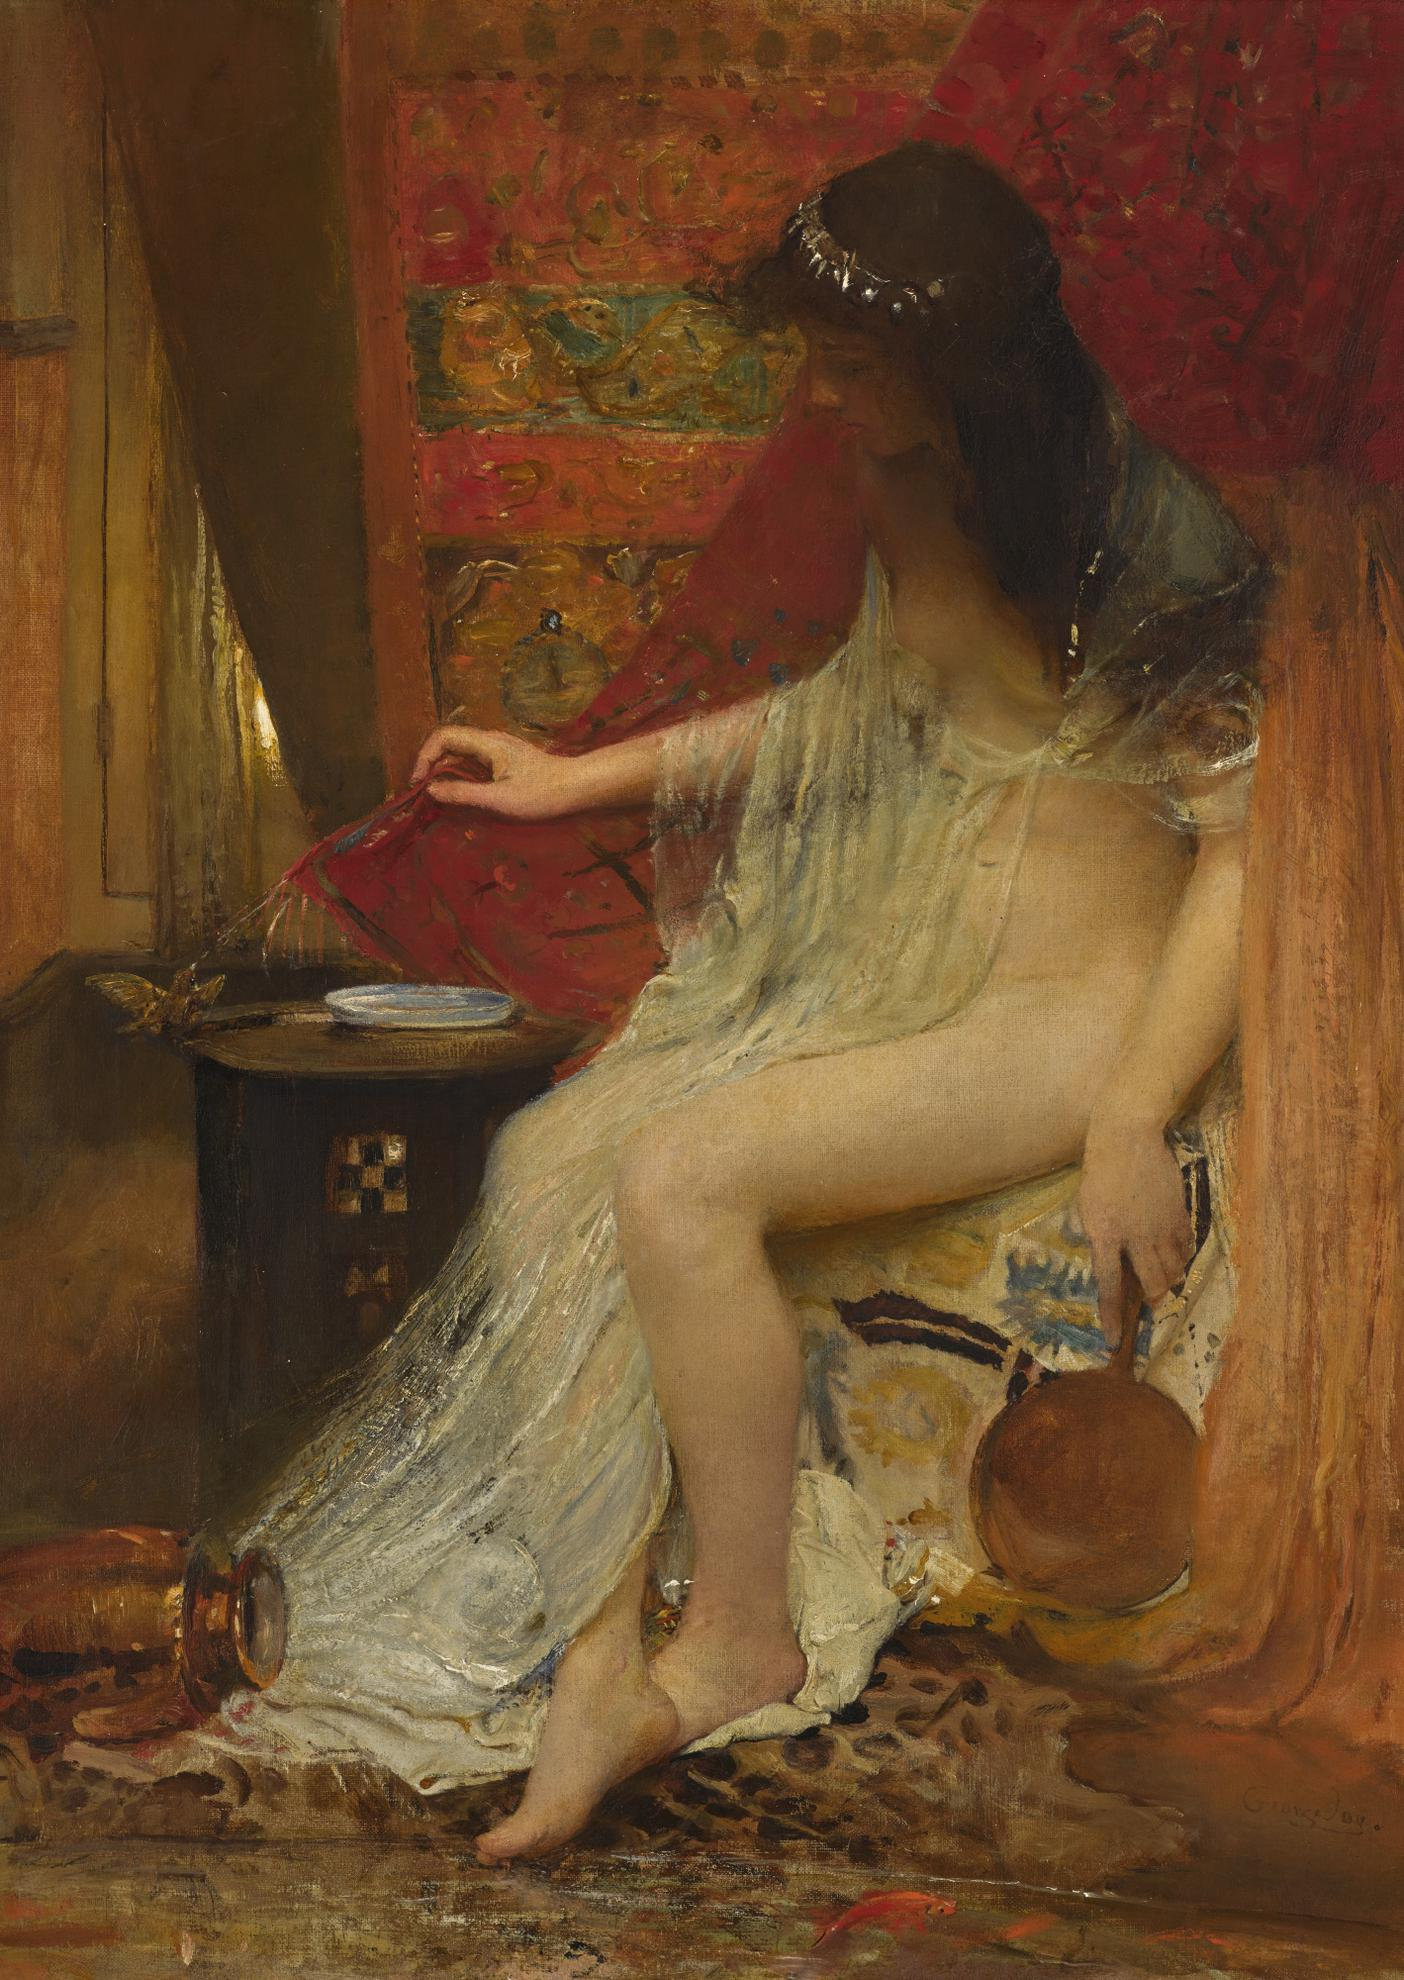 George William Joy - Lesbias Sparrow, Catullus-